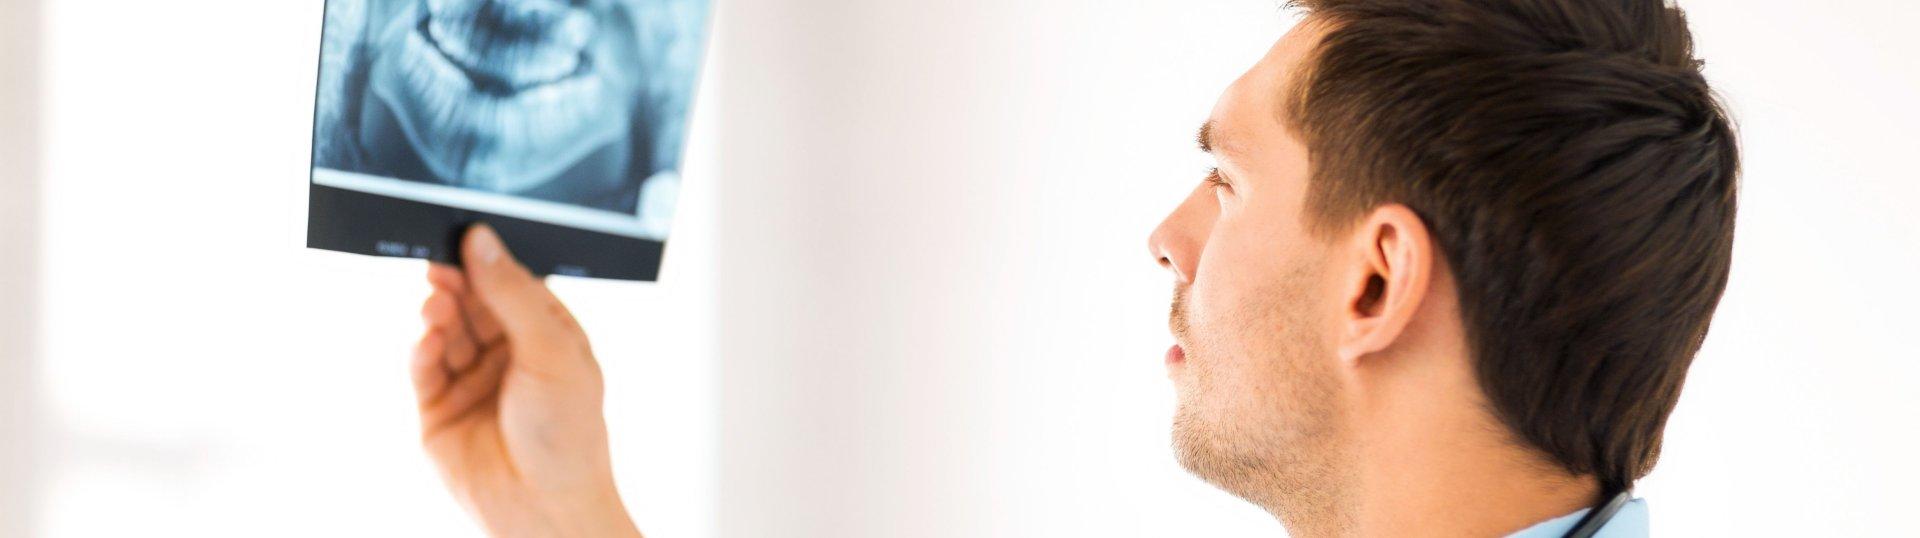 radiographie dentaire et diagnostic